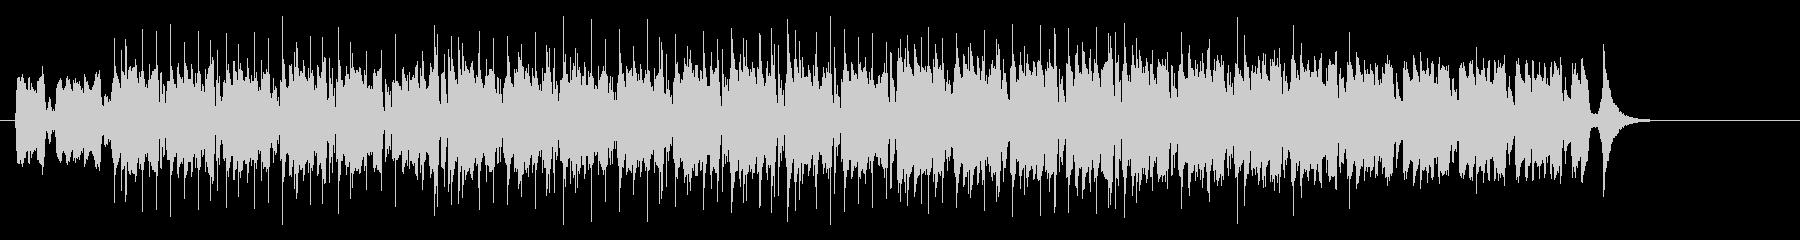 アンダーグラウンド・テクノ・ハウス風の未再生の波形